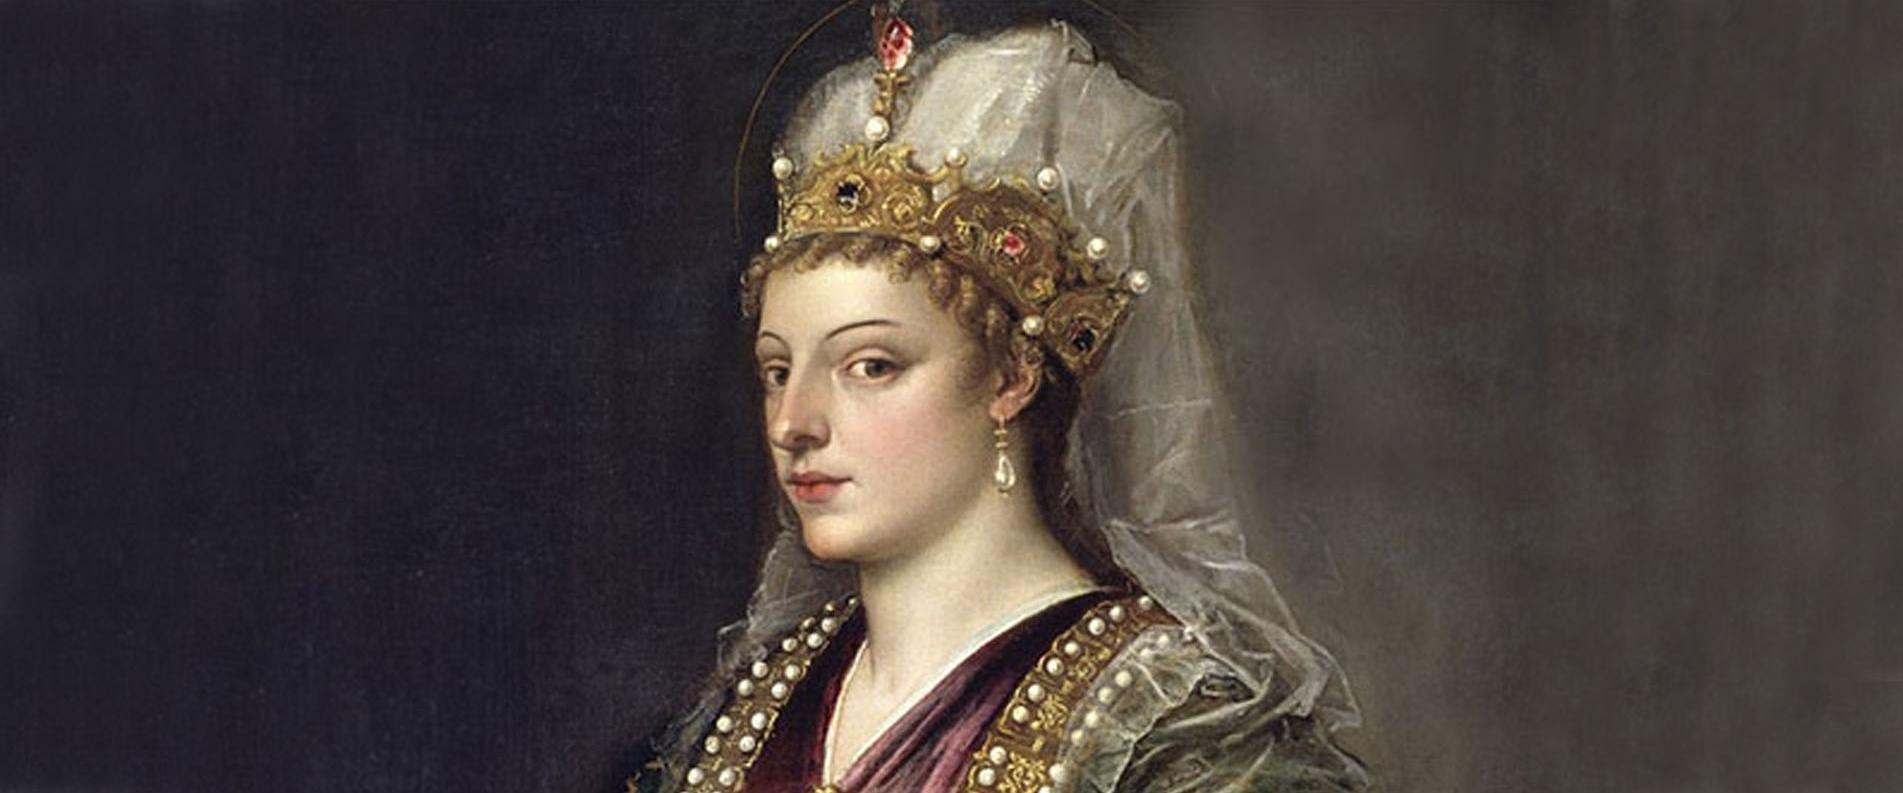 Катерина Корнаро: королева в чужой игре